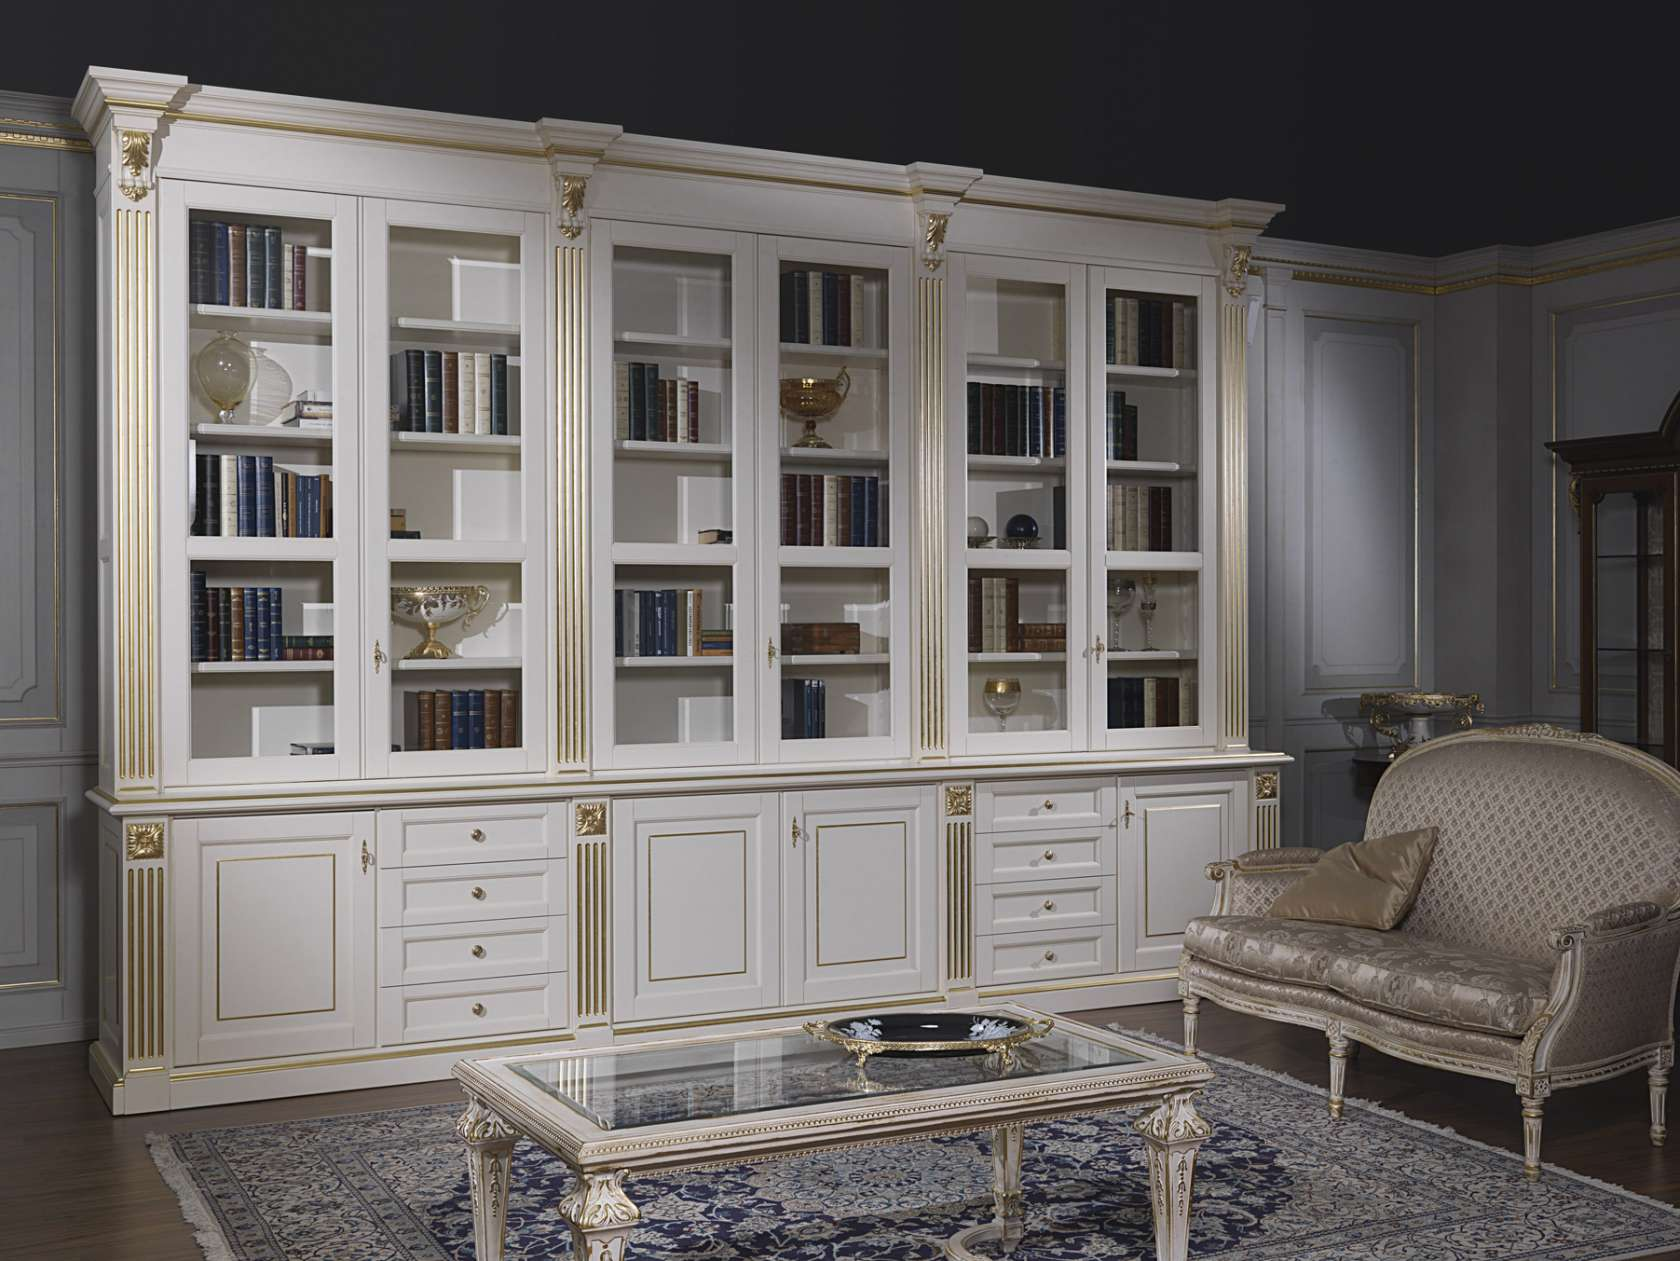 Mobili per soggiorno classico art.2009 | Vimercati Classic ...